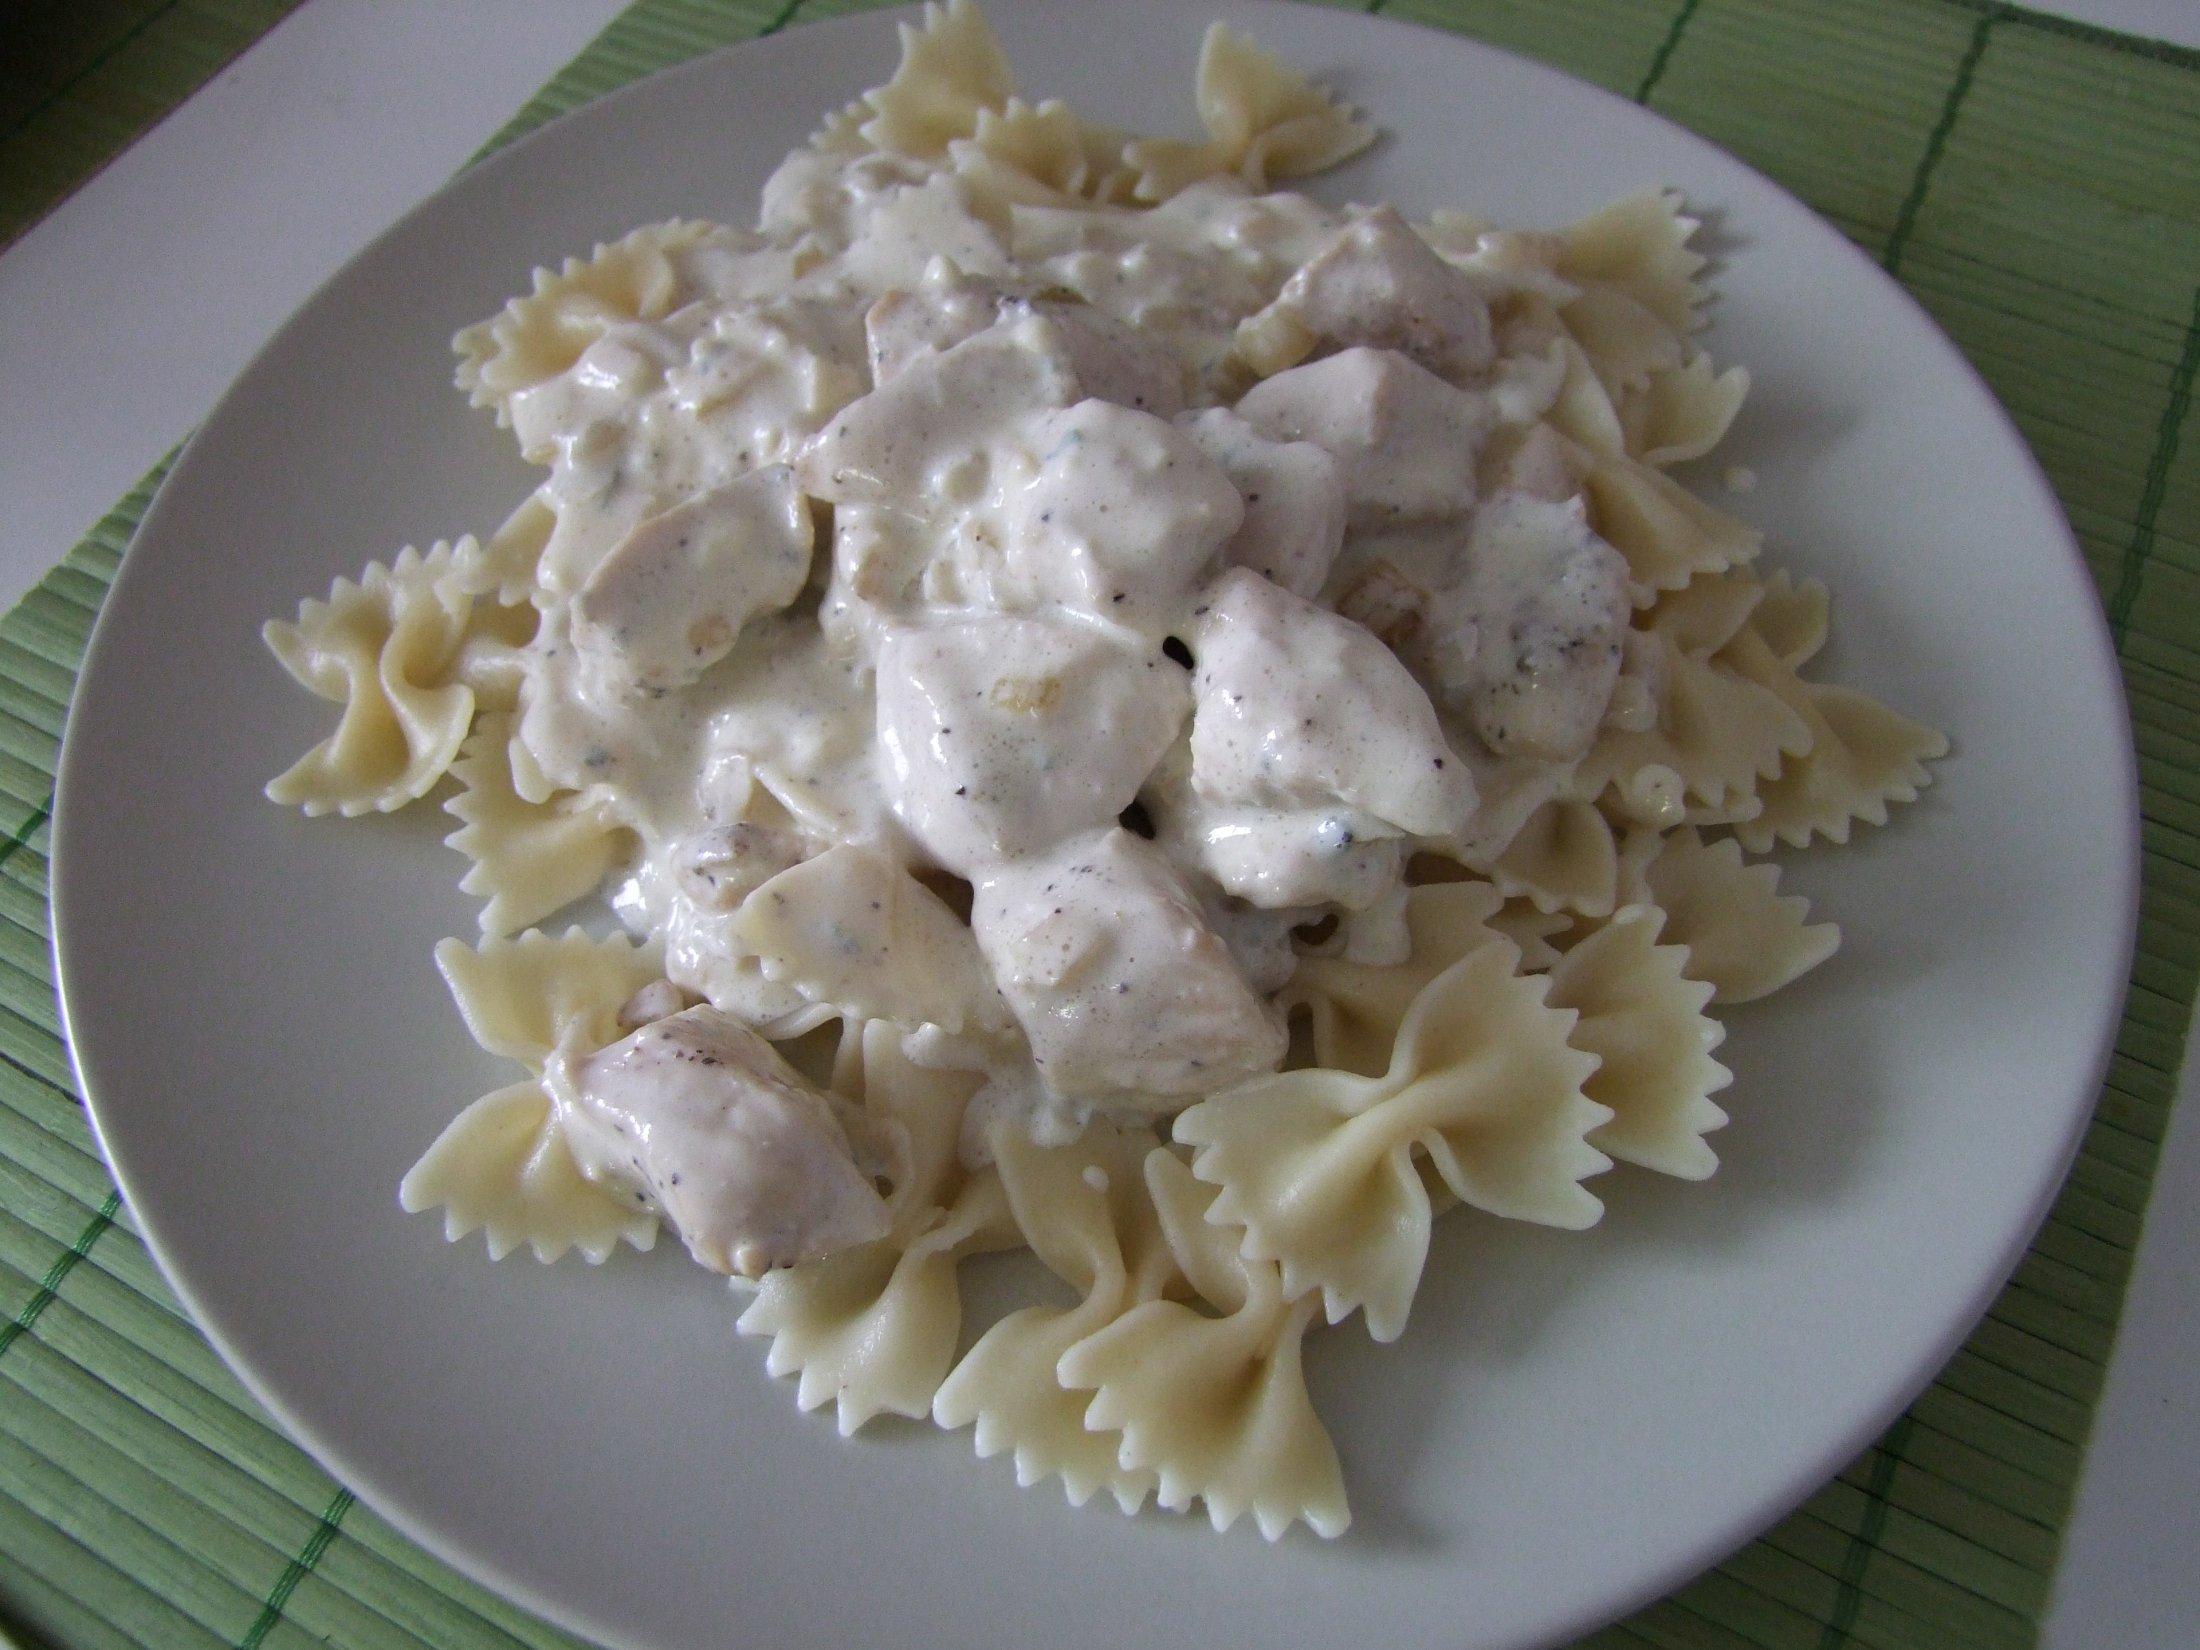 Recept Sýrová omáčka s kuřecím masem - Sýrová omáčka s kuřecím masem a těstovinami.